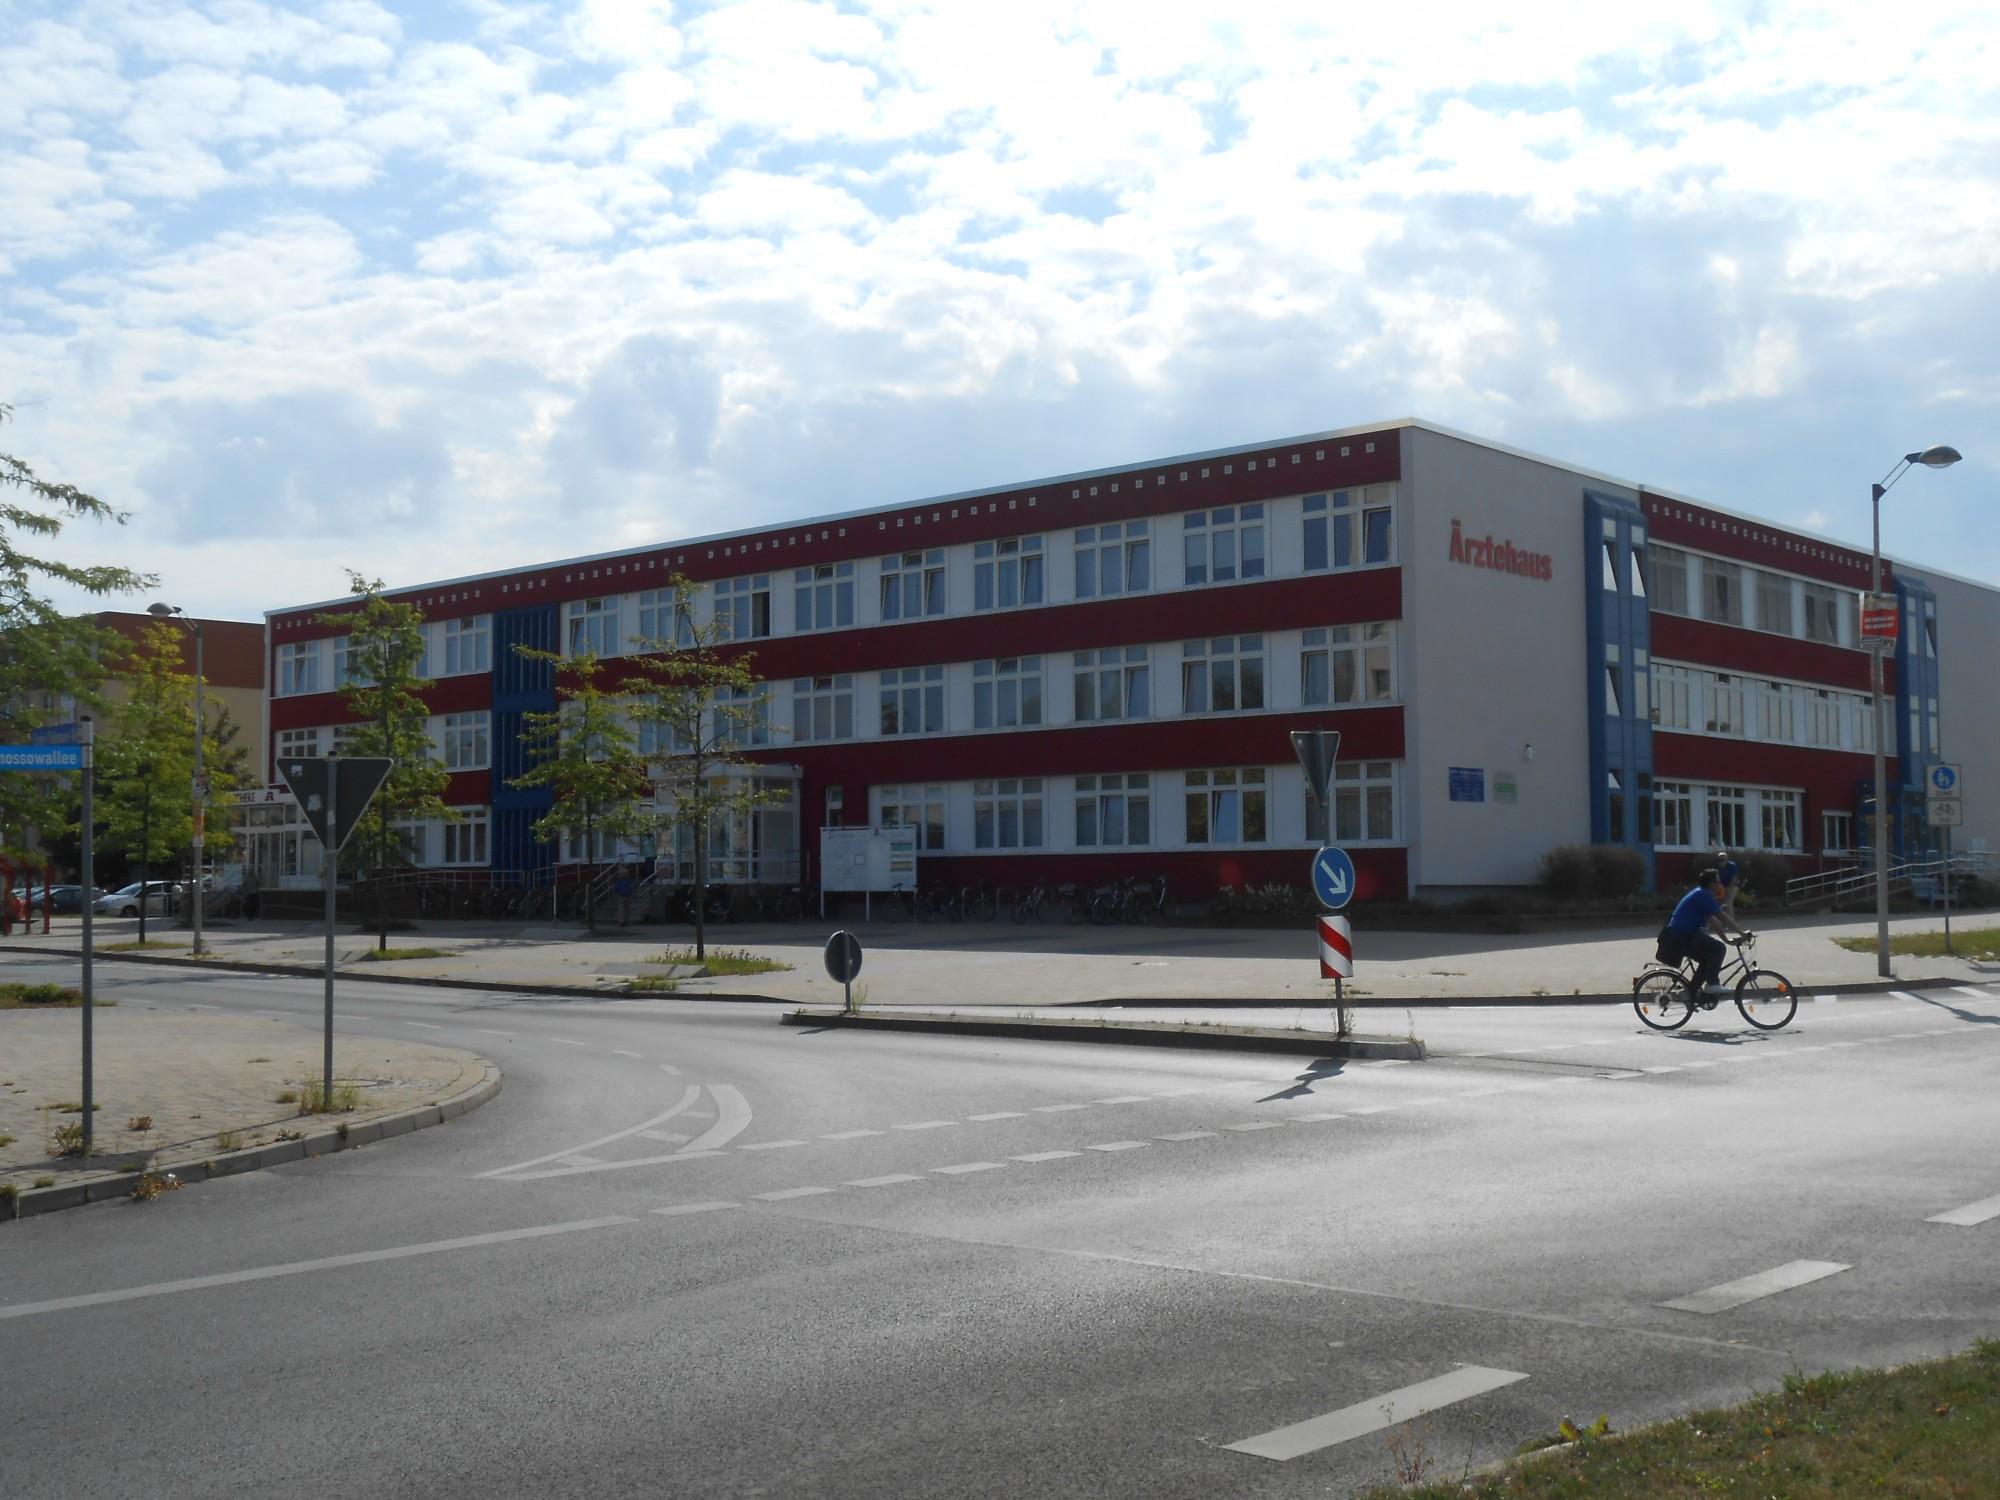 Willkommen bei der Ärztegemeinschaft Greifswald/Schönwalde